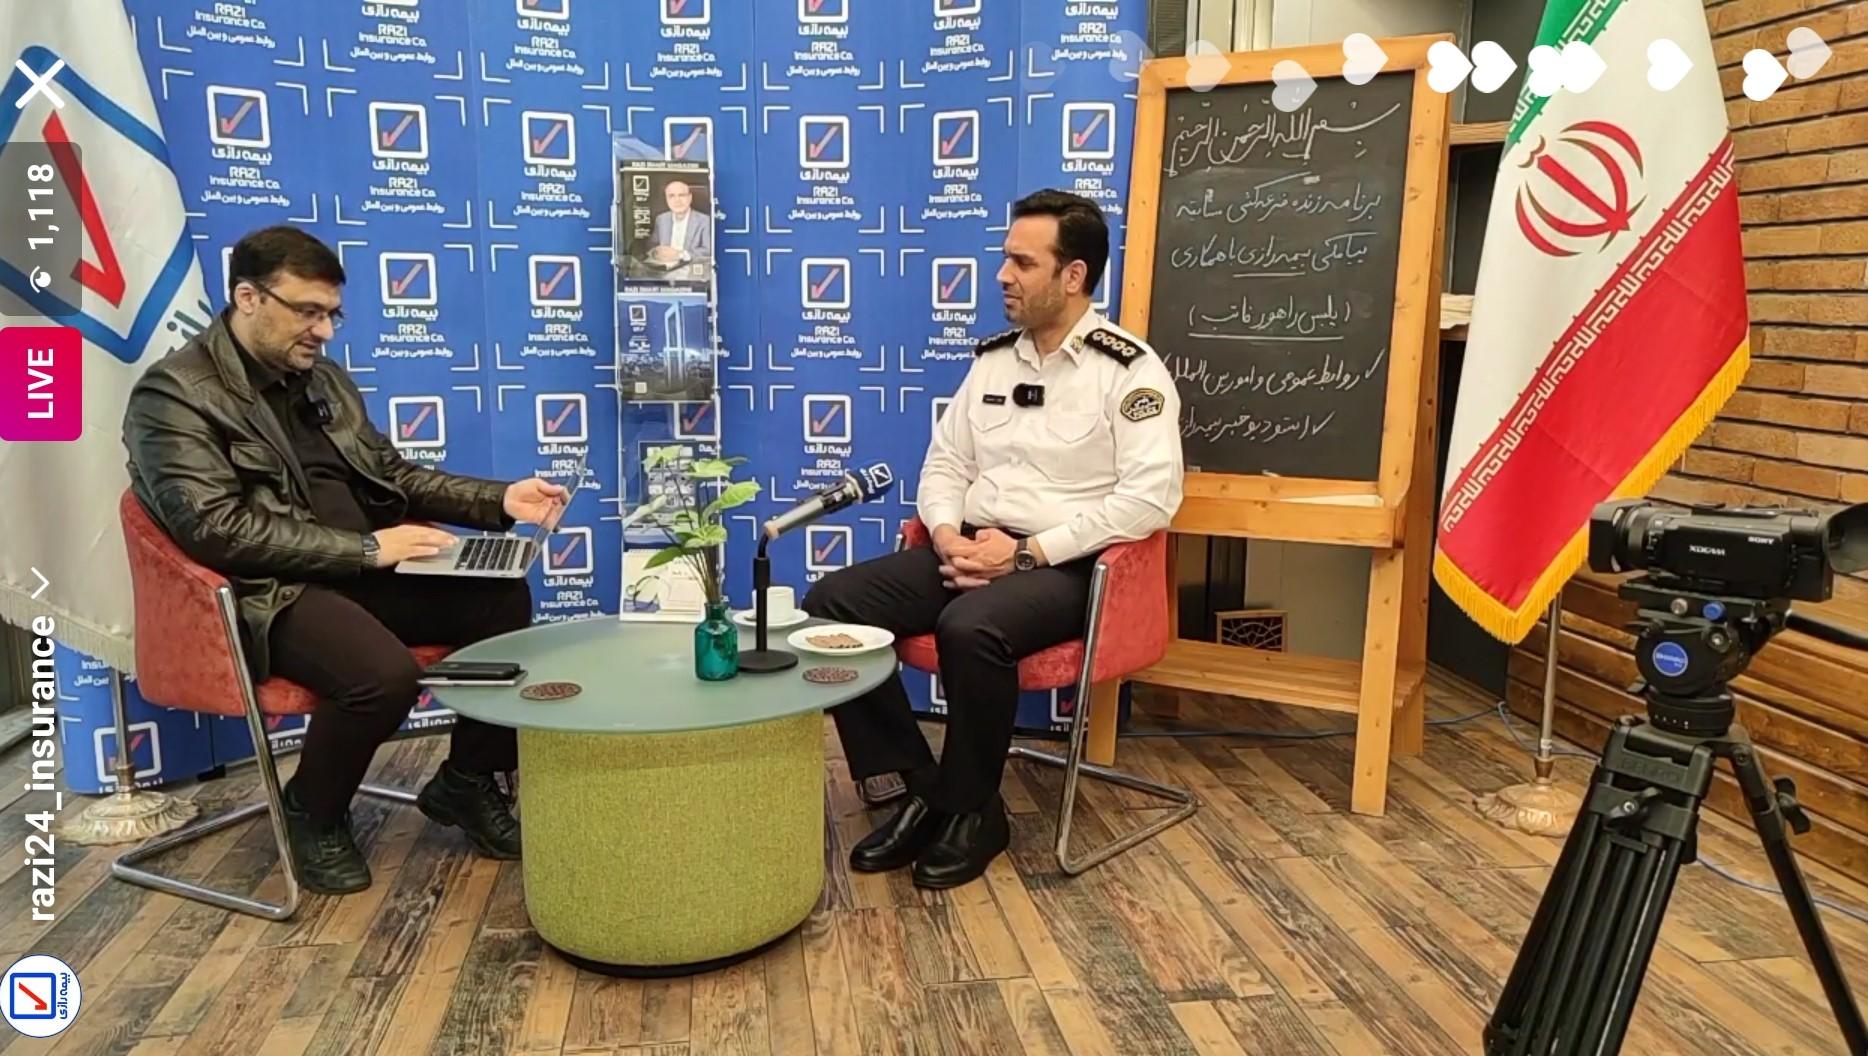 برندگان مسابقه هفته نیروی انتظامی با حمایت بیمه رازی اعلام شدند